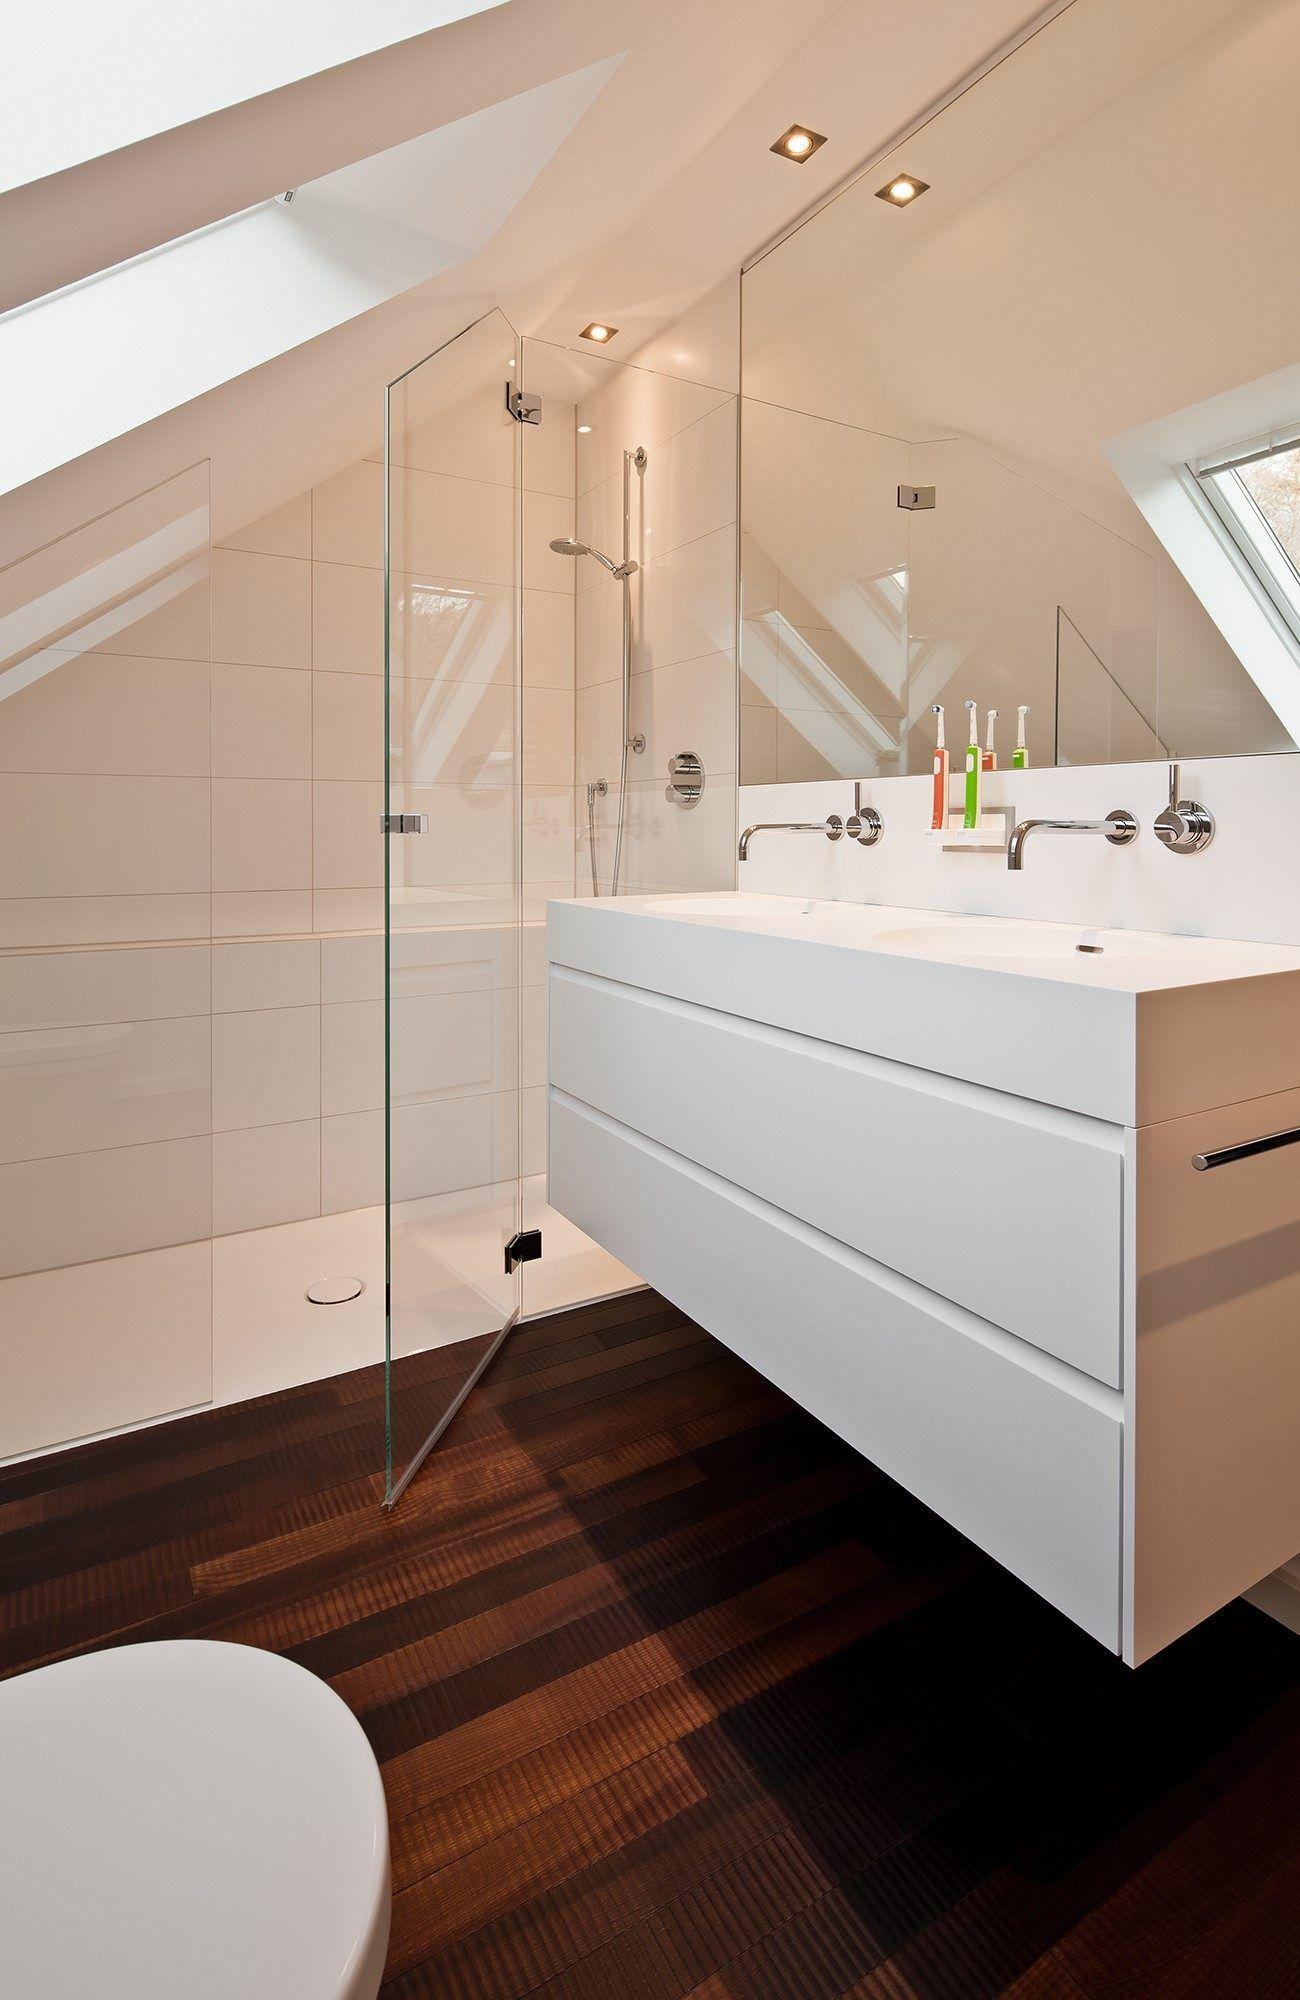 8 Badezimmer Mit Schräge Renovieren Raumfabrik ...